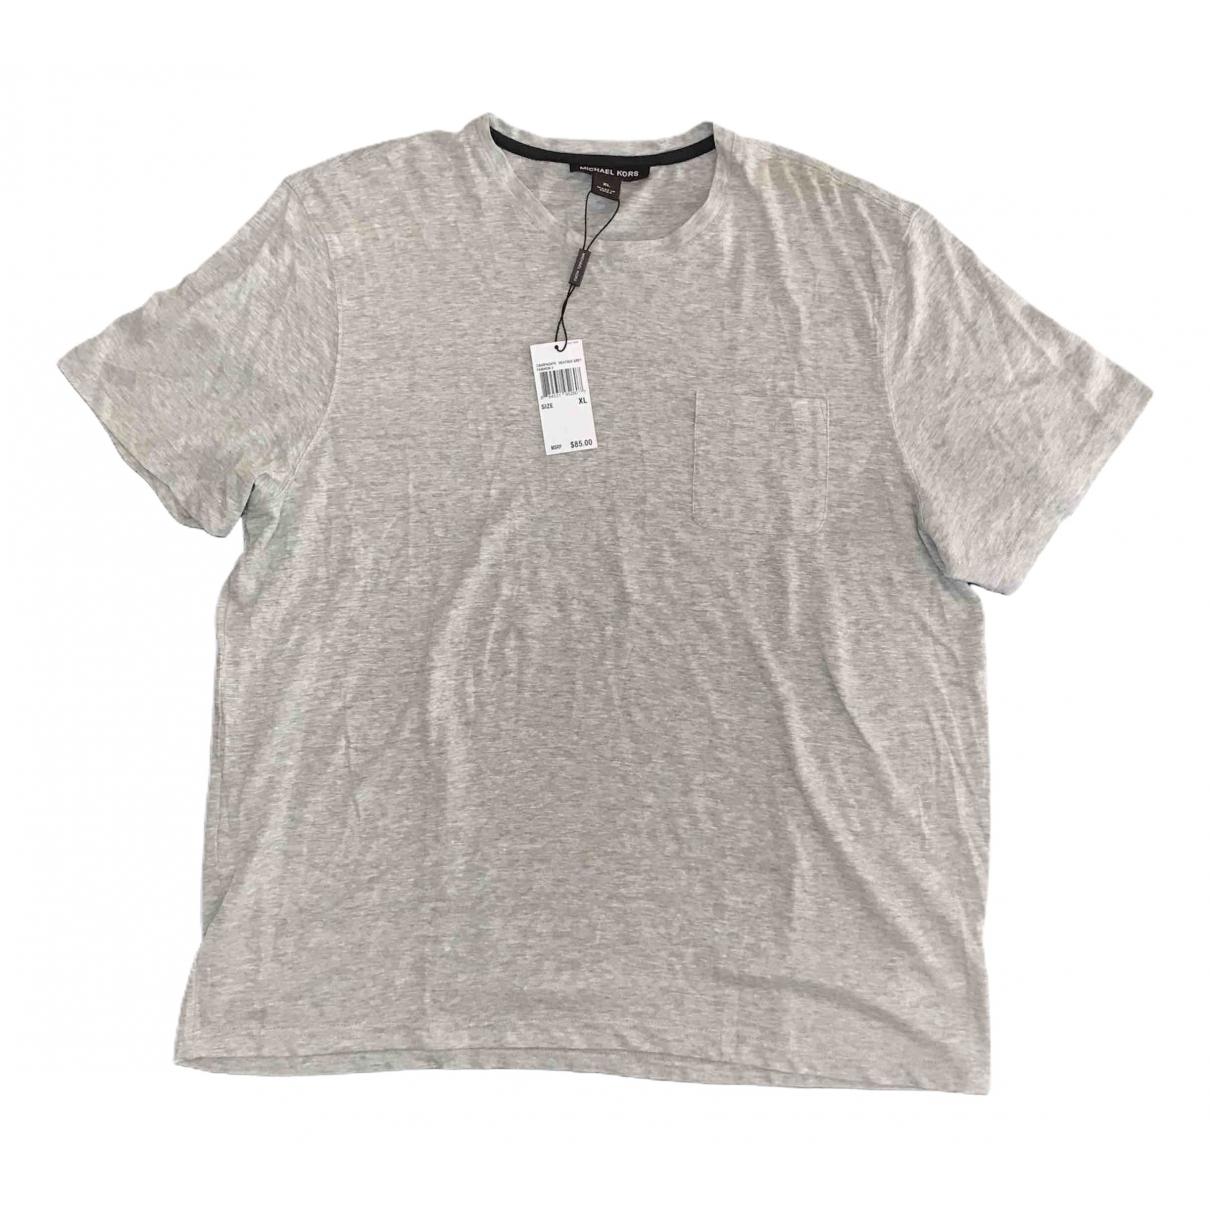 Michael Kors - Tee shirts   pour homme en autre - gris